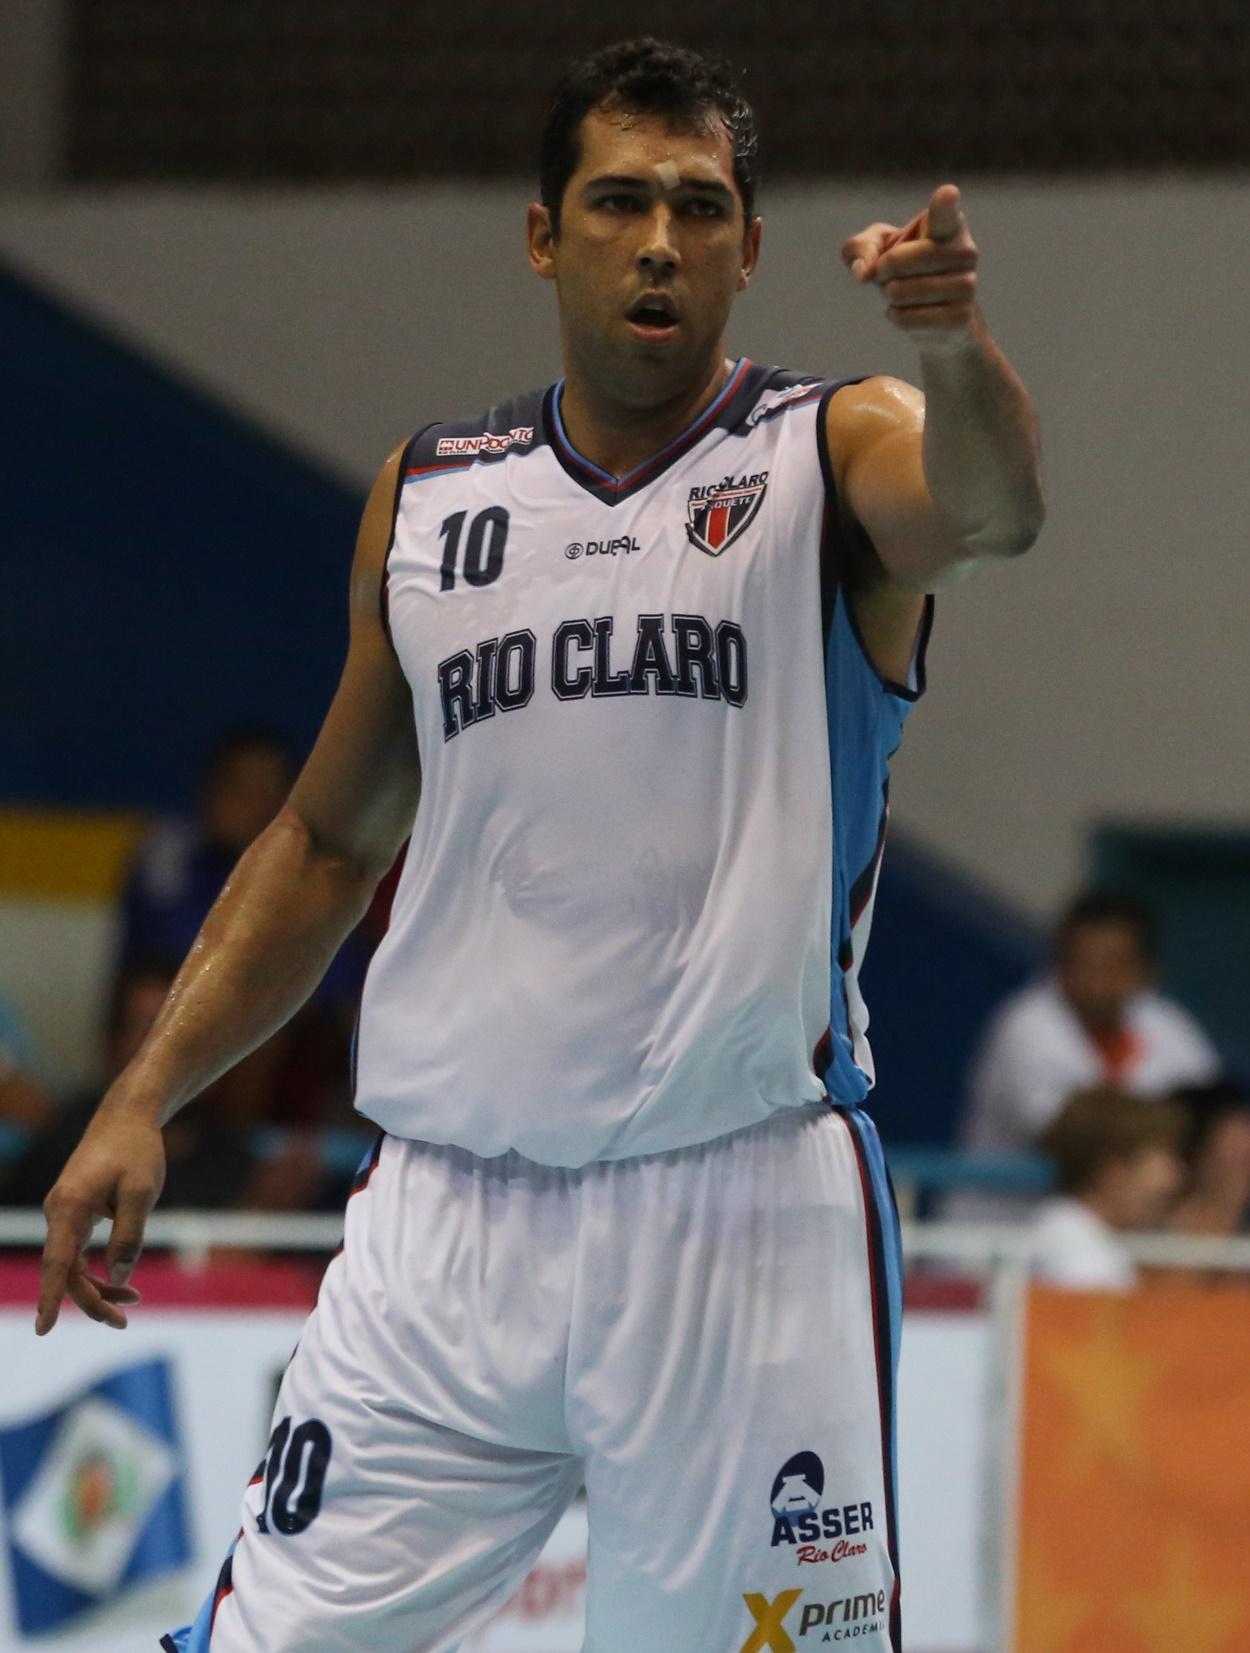 Campeão da Liga Ouro, Rio Claro será o único estreante do NBB na temporada 14/15 (Luiz Pires/LNB)